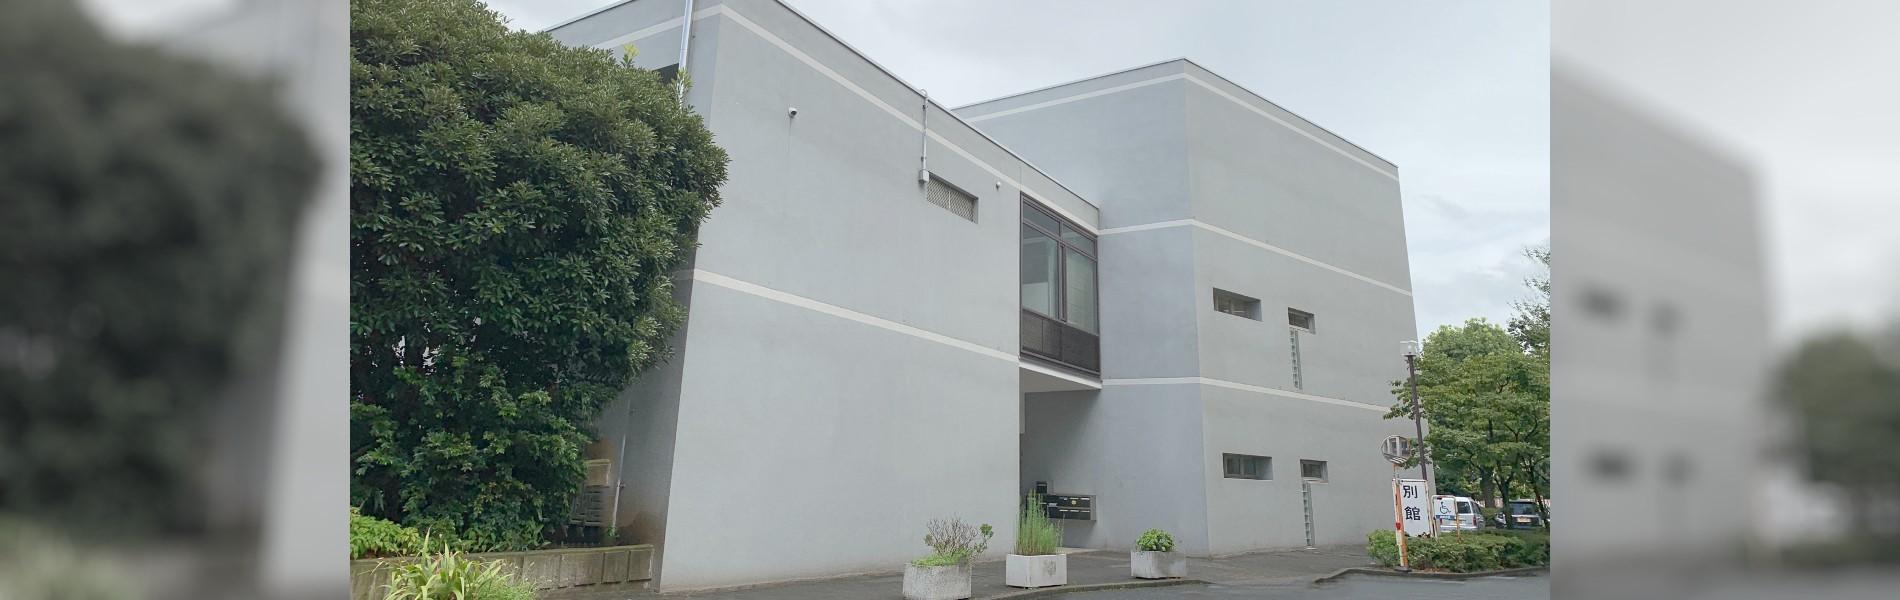 埼玉聴覚障害者情報センター